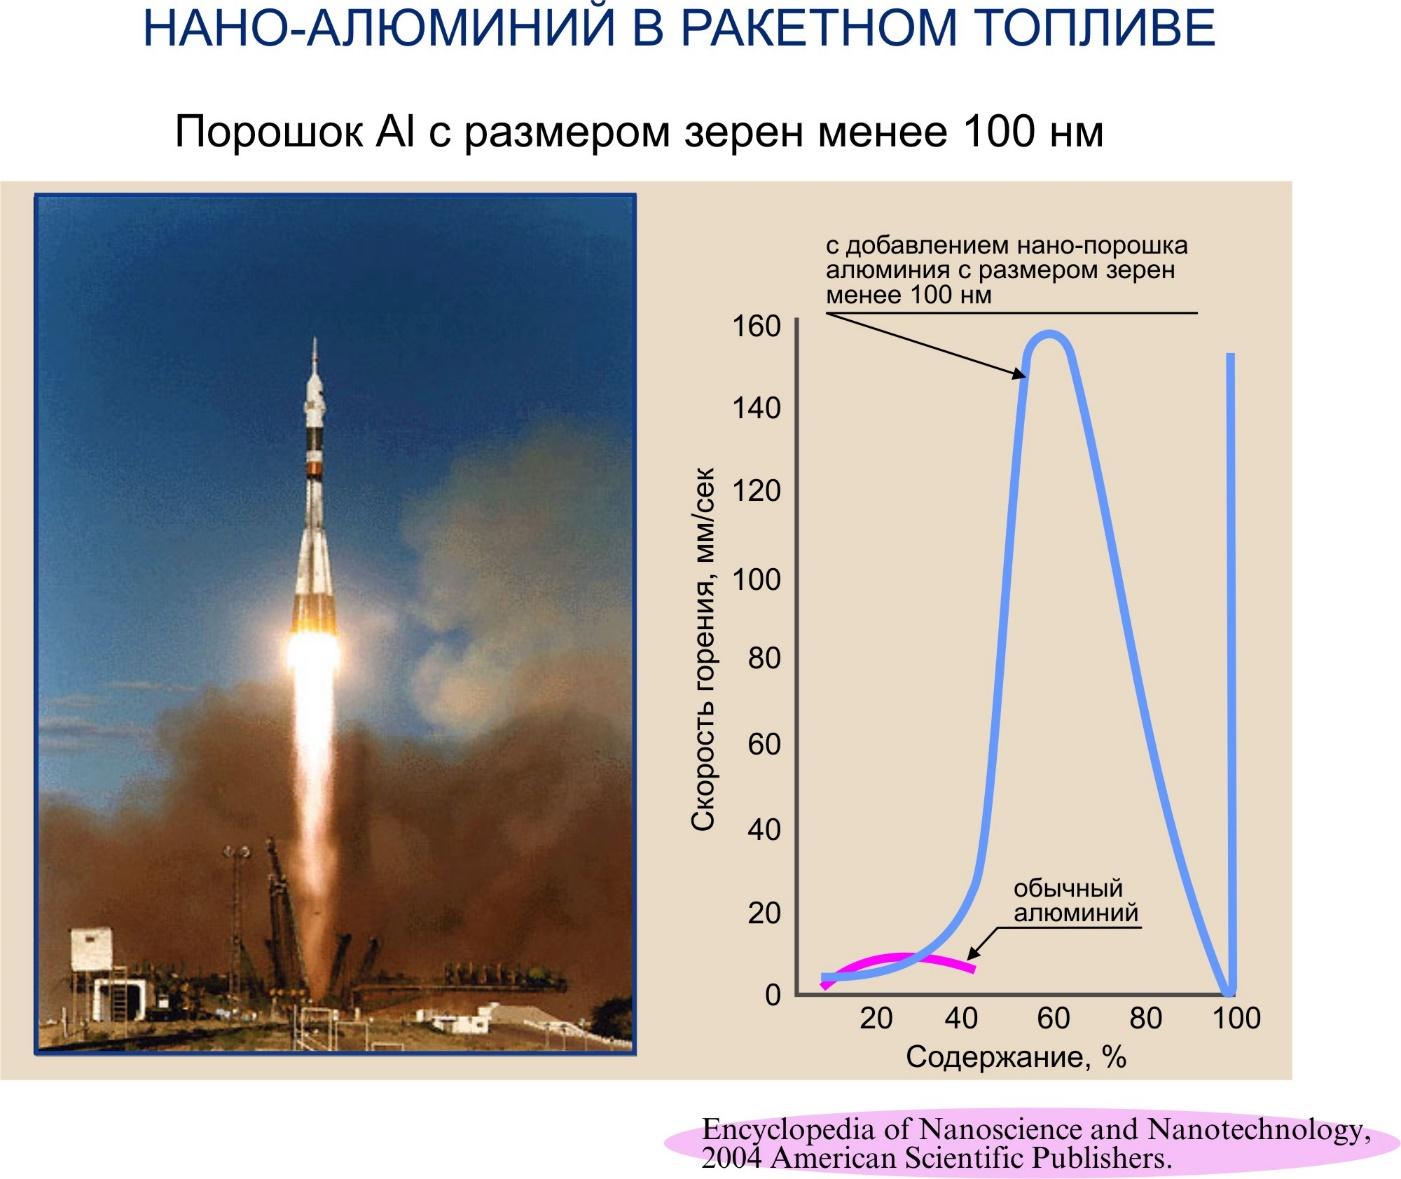 Добавление нанопорошка алюминия в ракетное топливо уваличивает скорость горения и удельный импульс ракетного топлива.